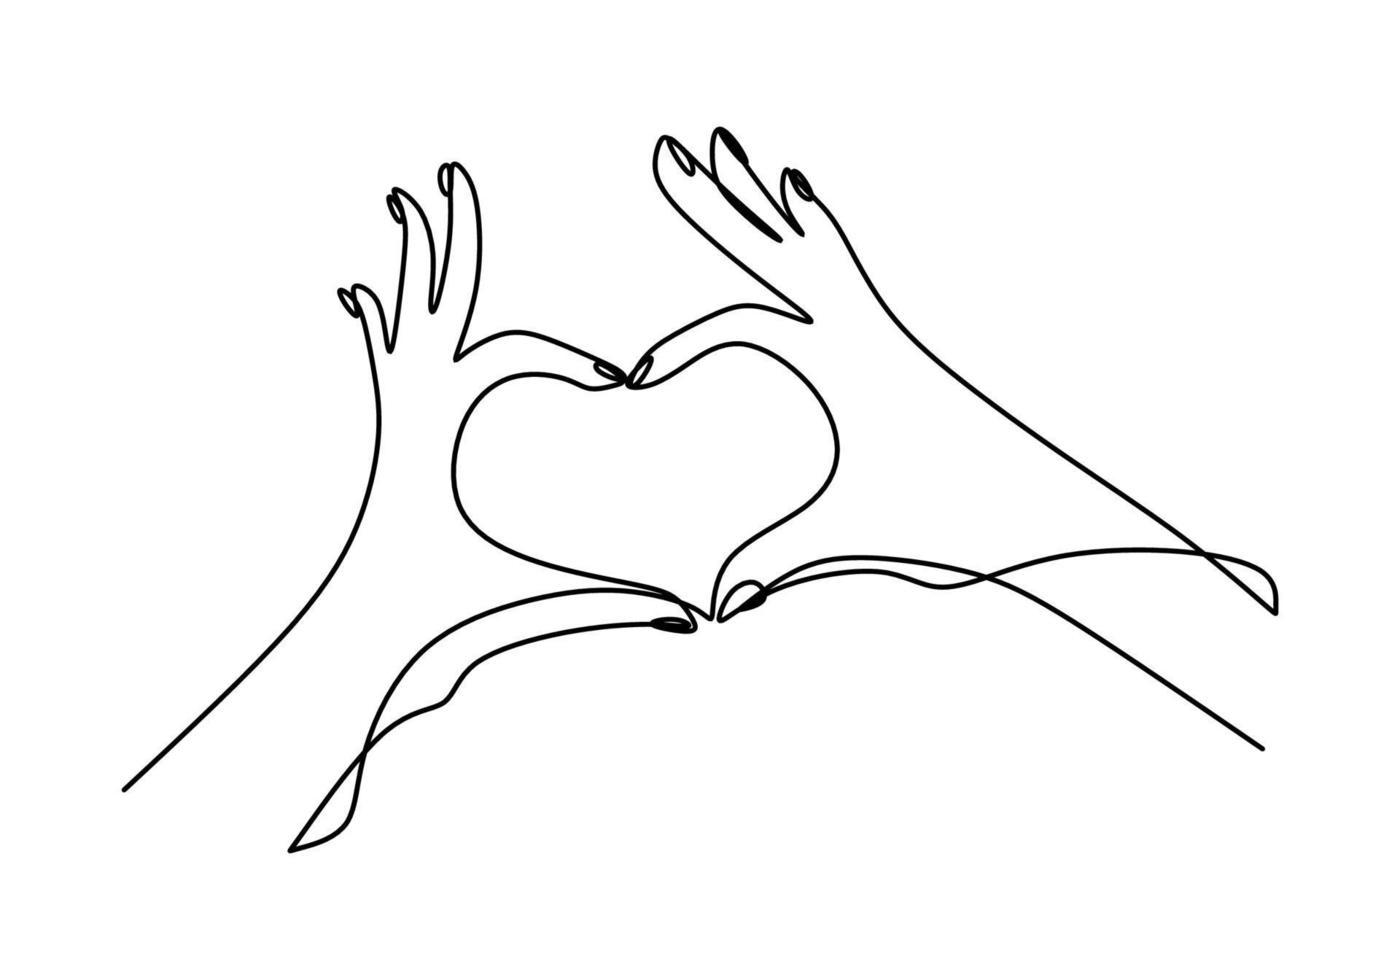 um desenho de linha contínua de mãos mostrando sinal de amor. a mão de uma mulher dando o símbolo de amor com segurando seu design de minimalismo de dedo mínimo isolado no fundo branco. ilustração vetorial vetor